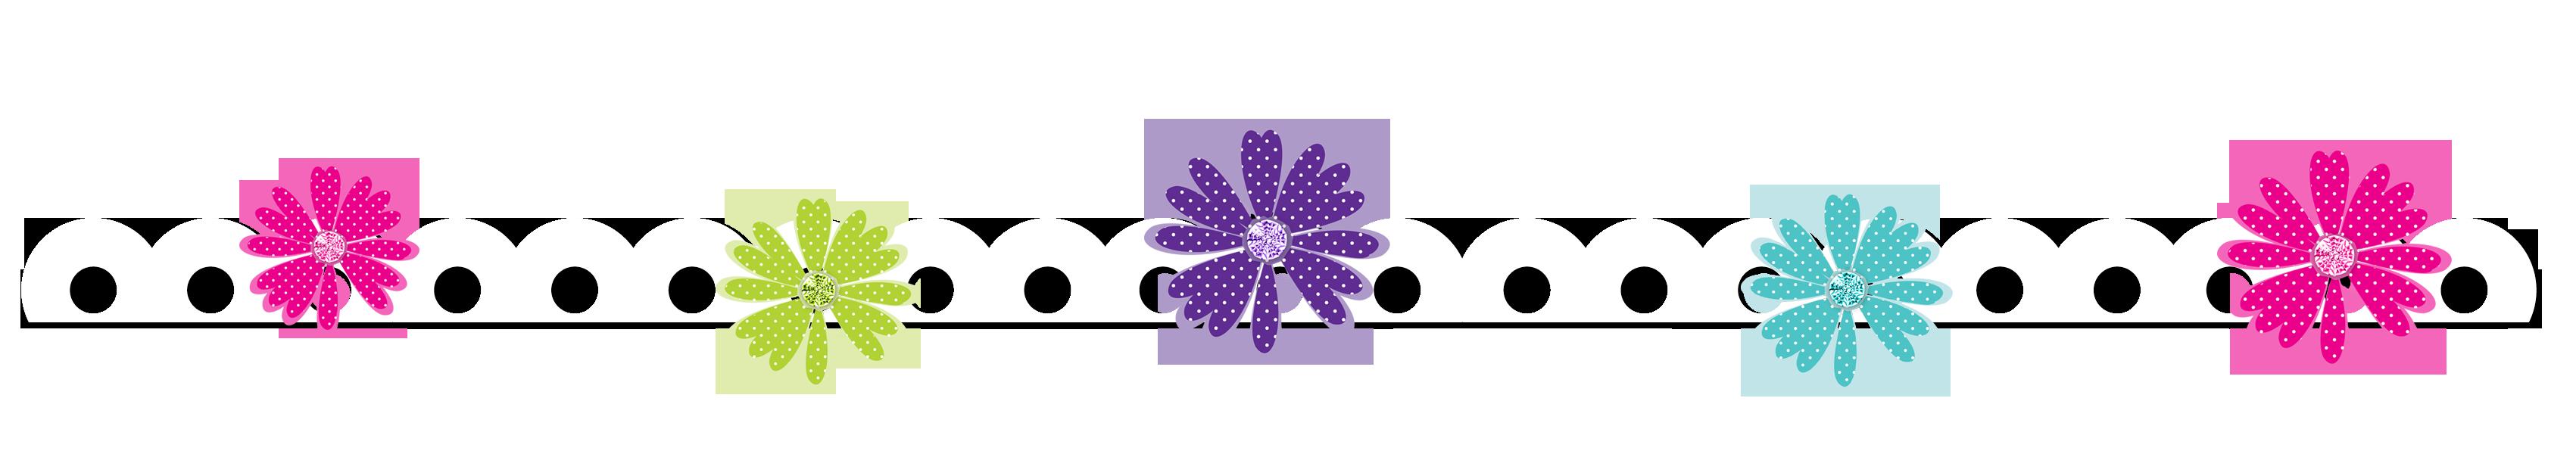 Clipart flower border line, Clipart flower border line ...